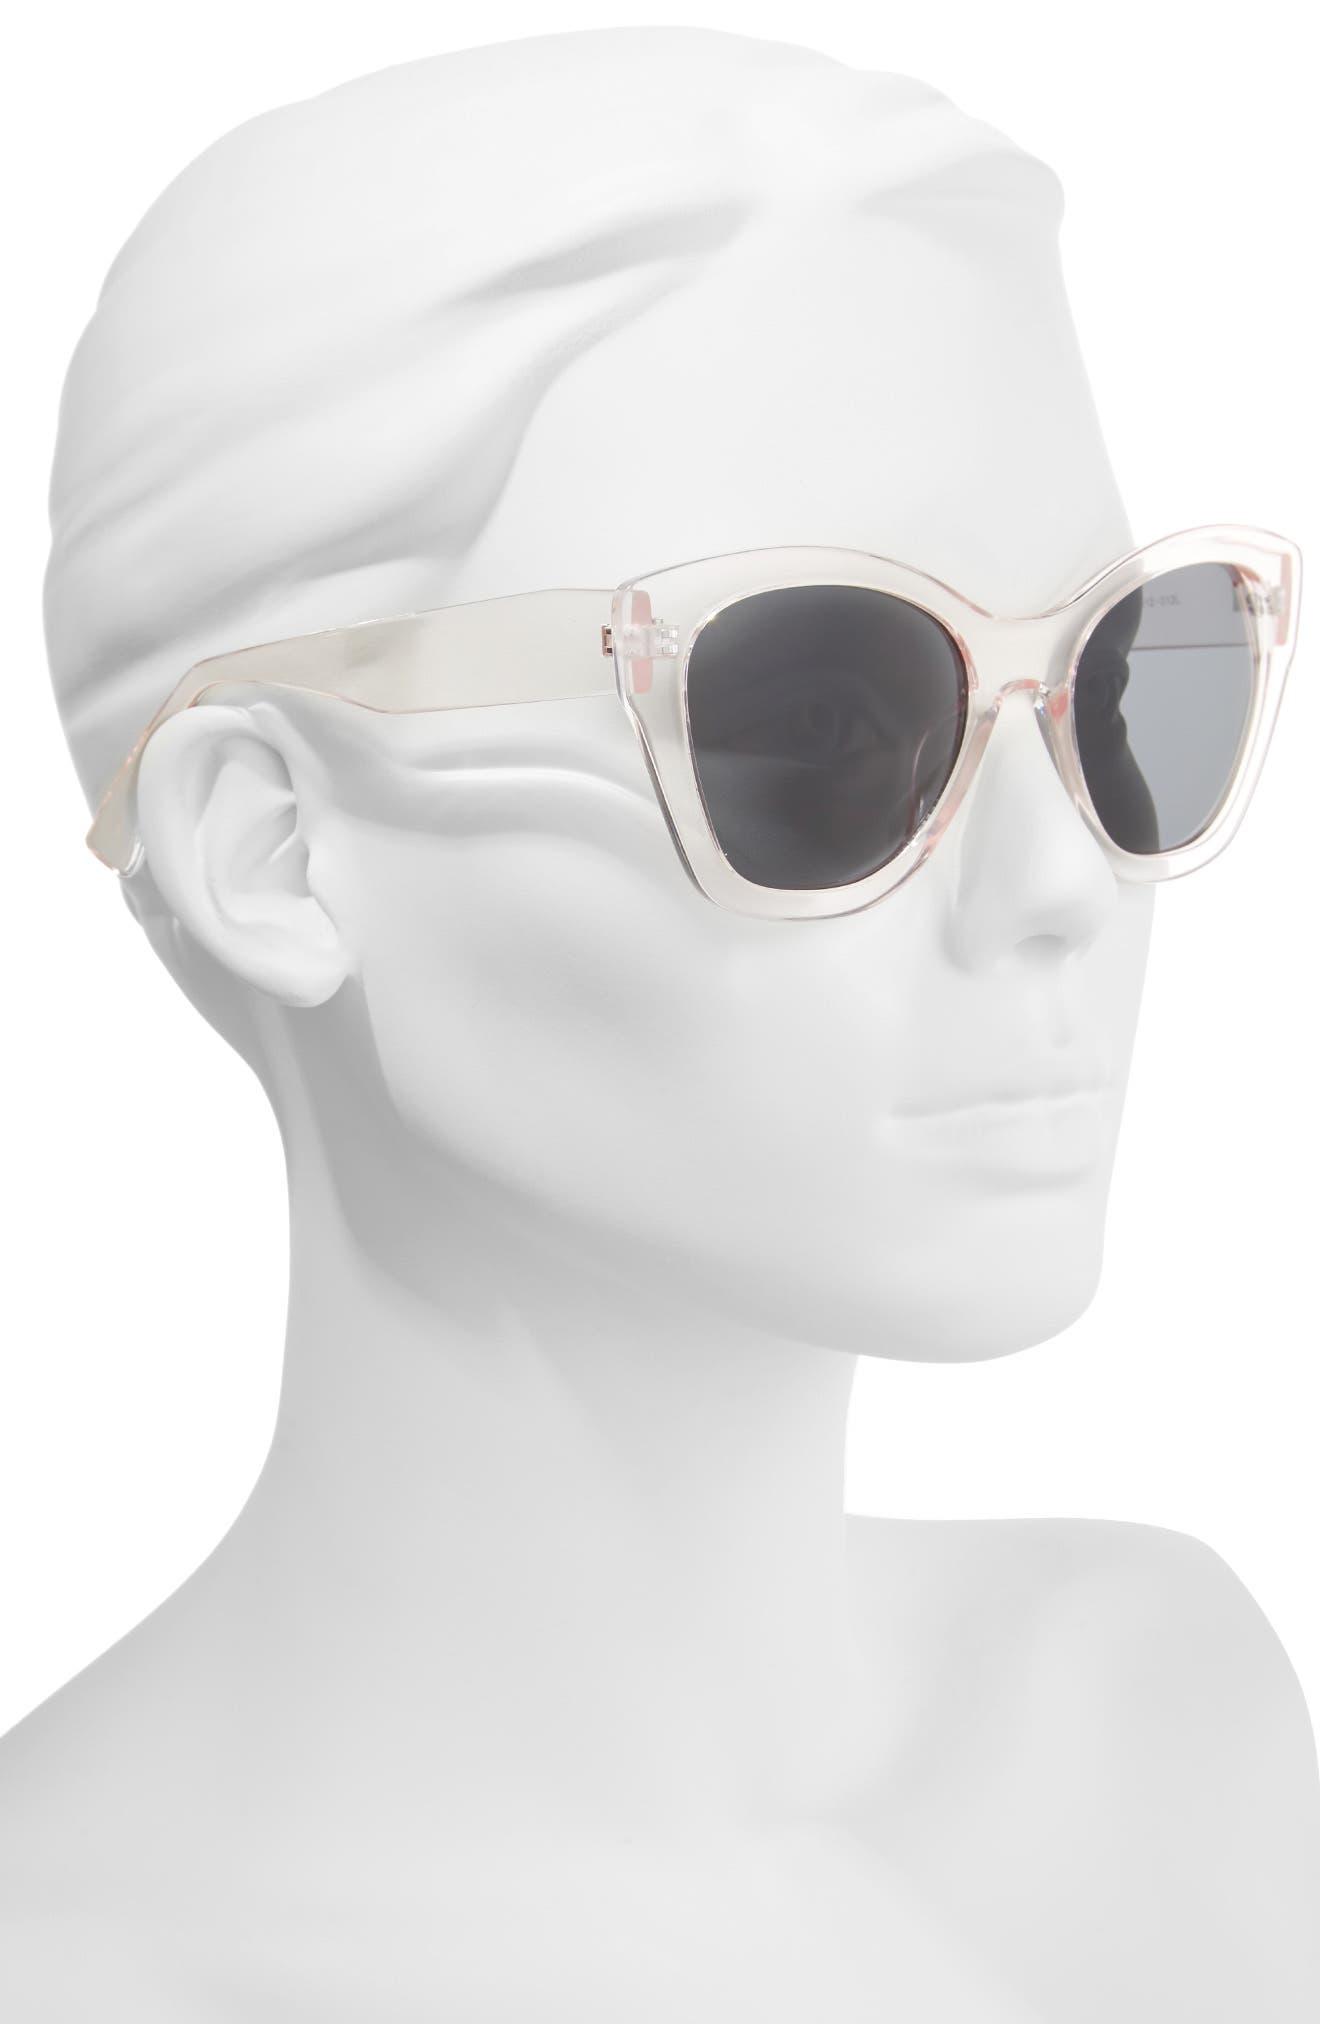 55mm Square Sunglasses,                             Alternate thumbnail 2, color,                             Blush